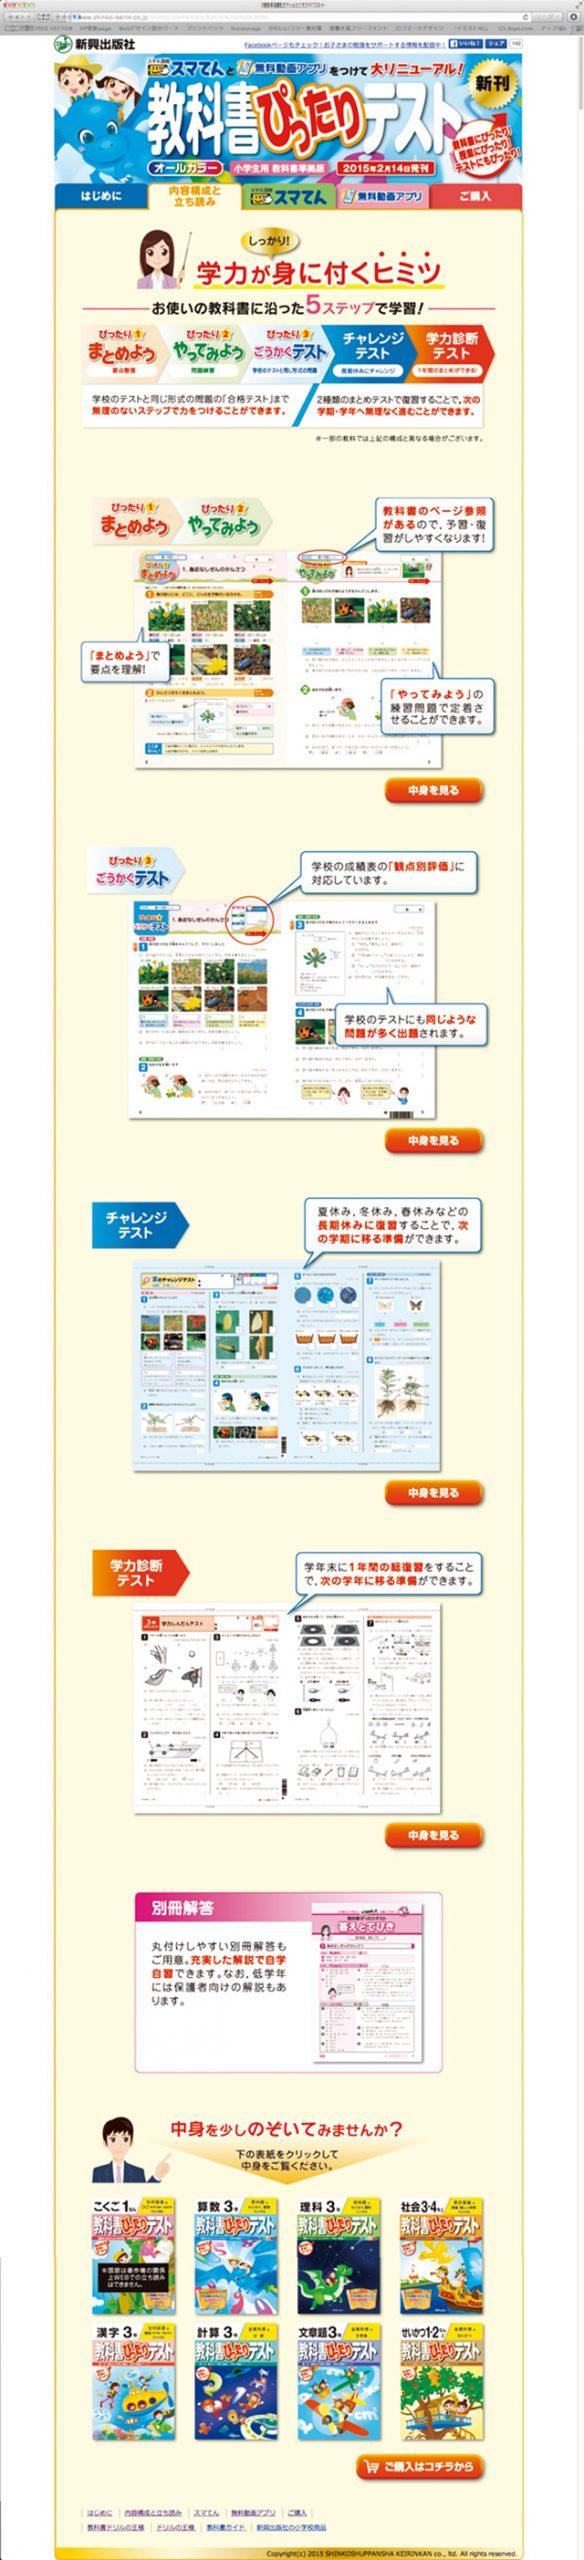 教育出版社 WEBサイト デザイン制作、コーディング